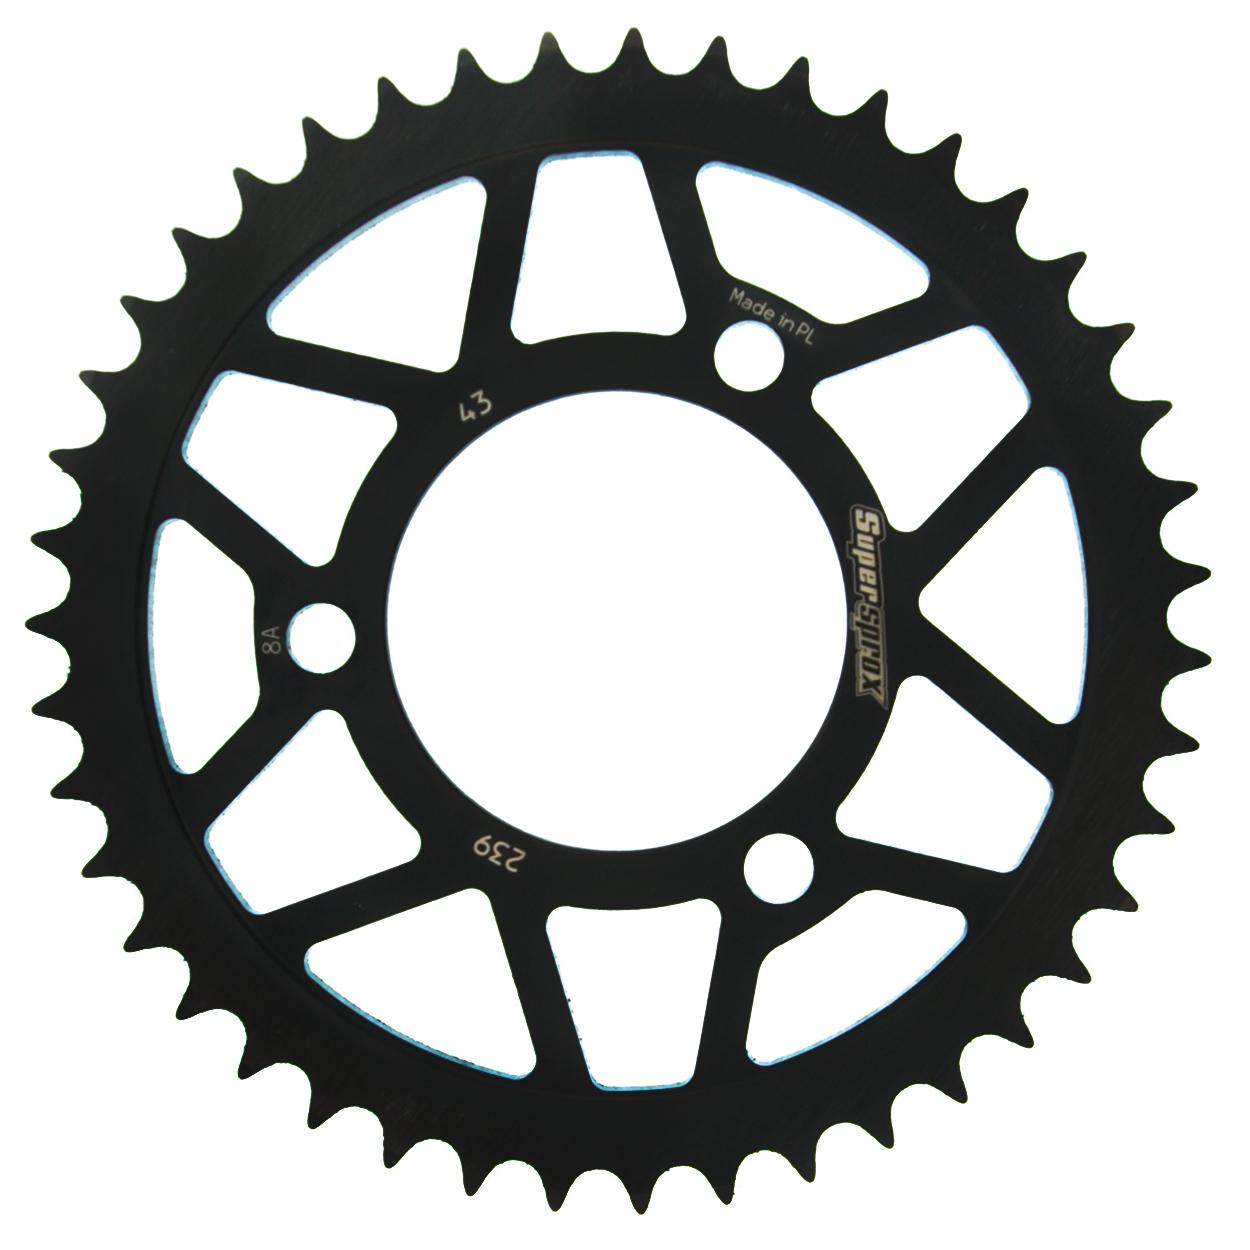 Stahl-Kettenrad Supersprox 420 - 43Z (schwarz)